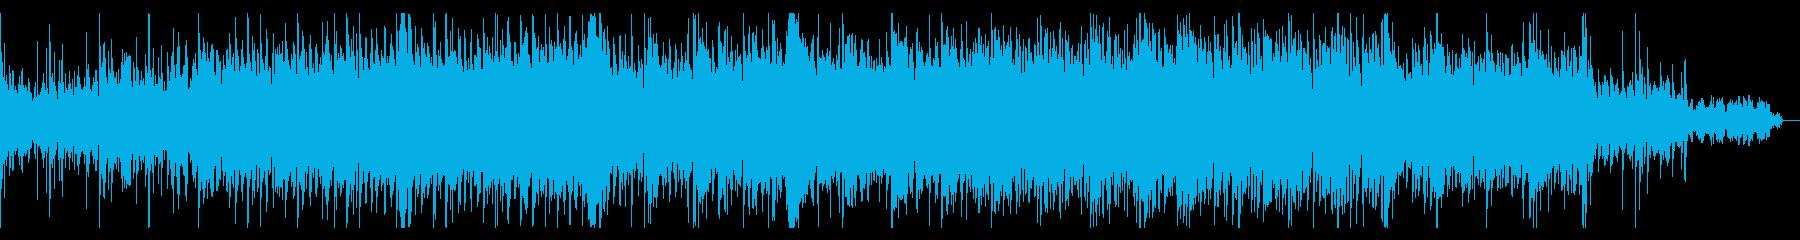 シリアスなオーケストラ調のBGMの再生済みの波形